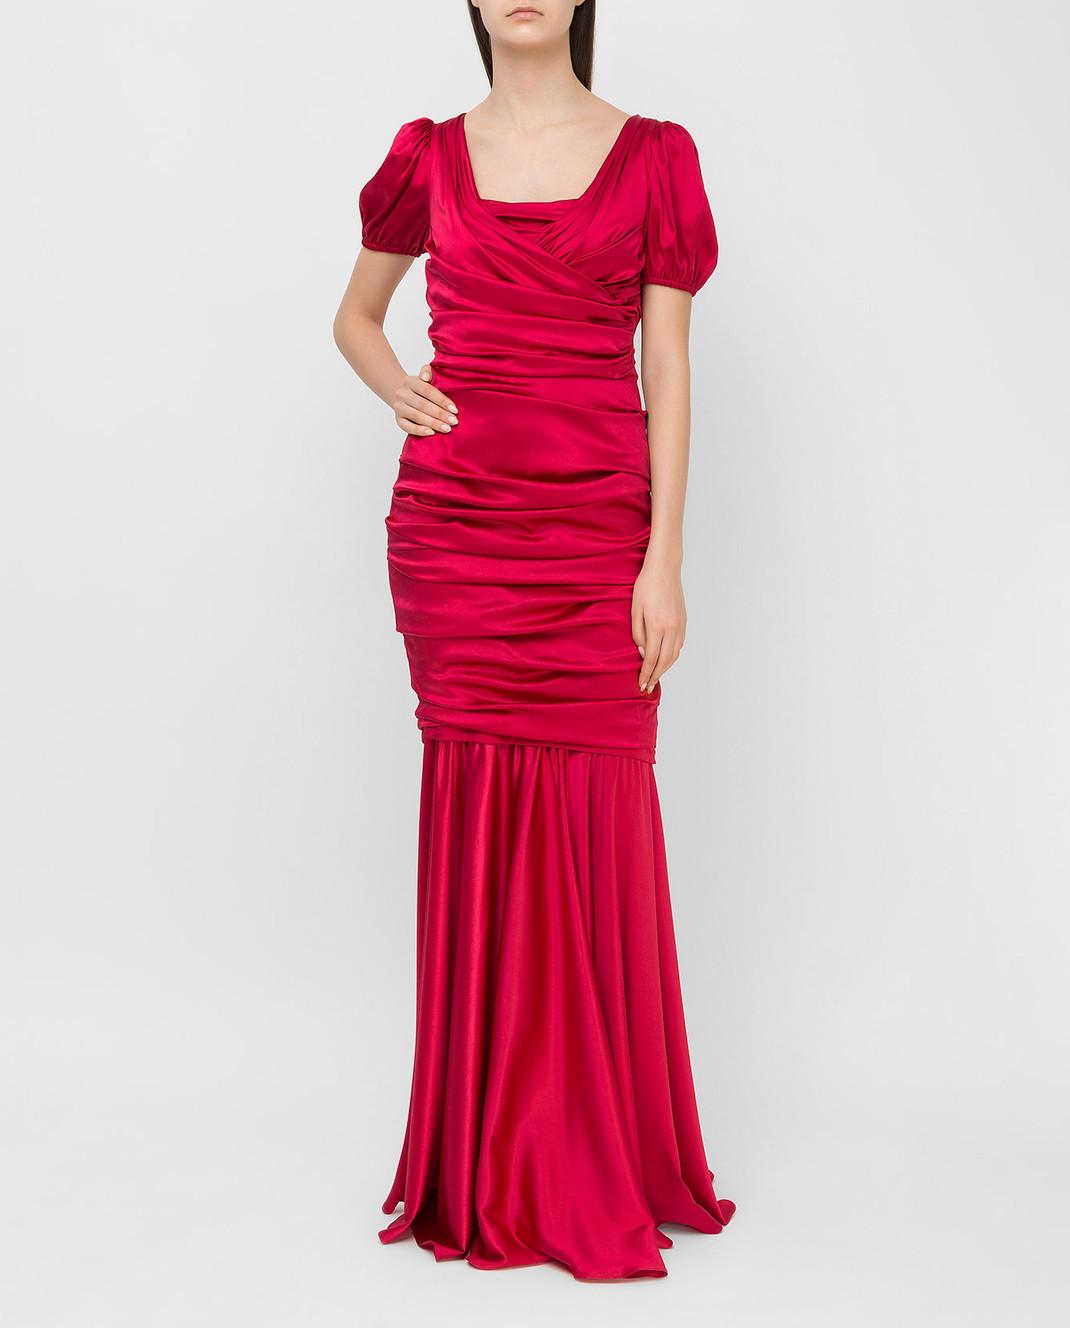 Dolce&Gabbana Красное платье из шелка F62B2TFURAG изображение 2